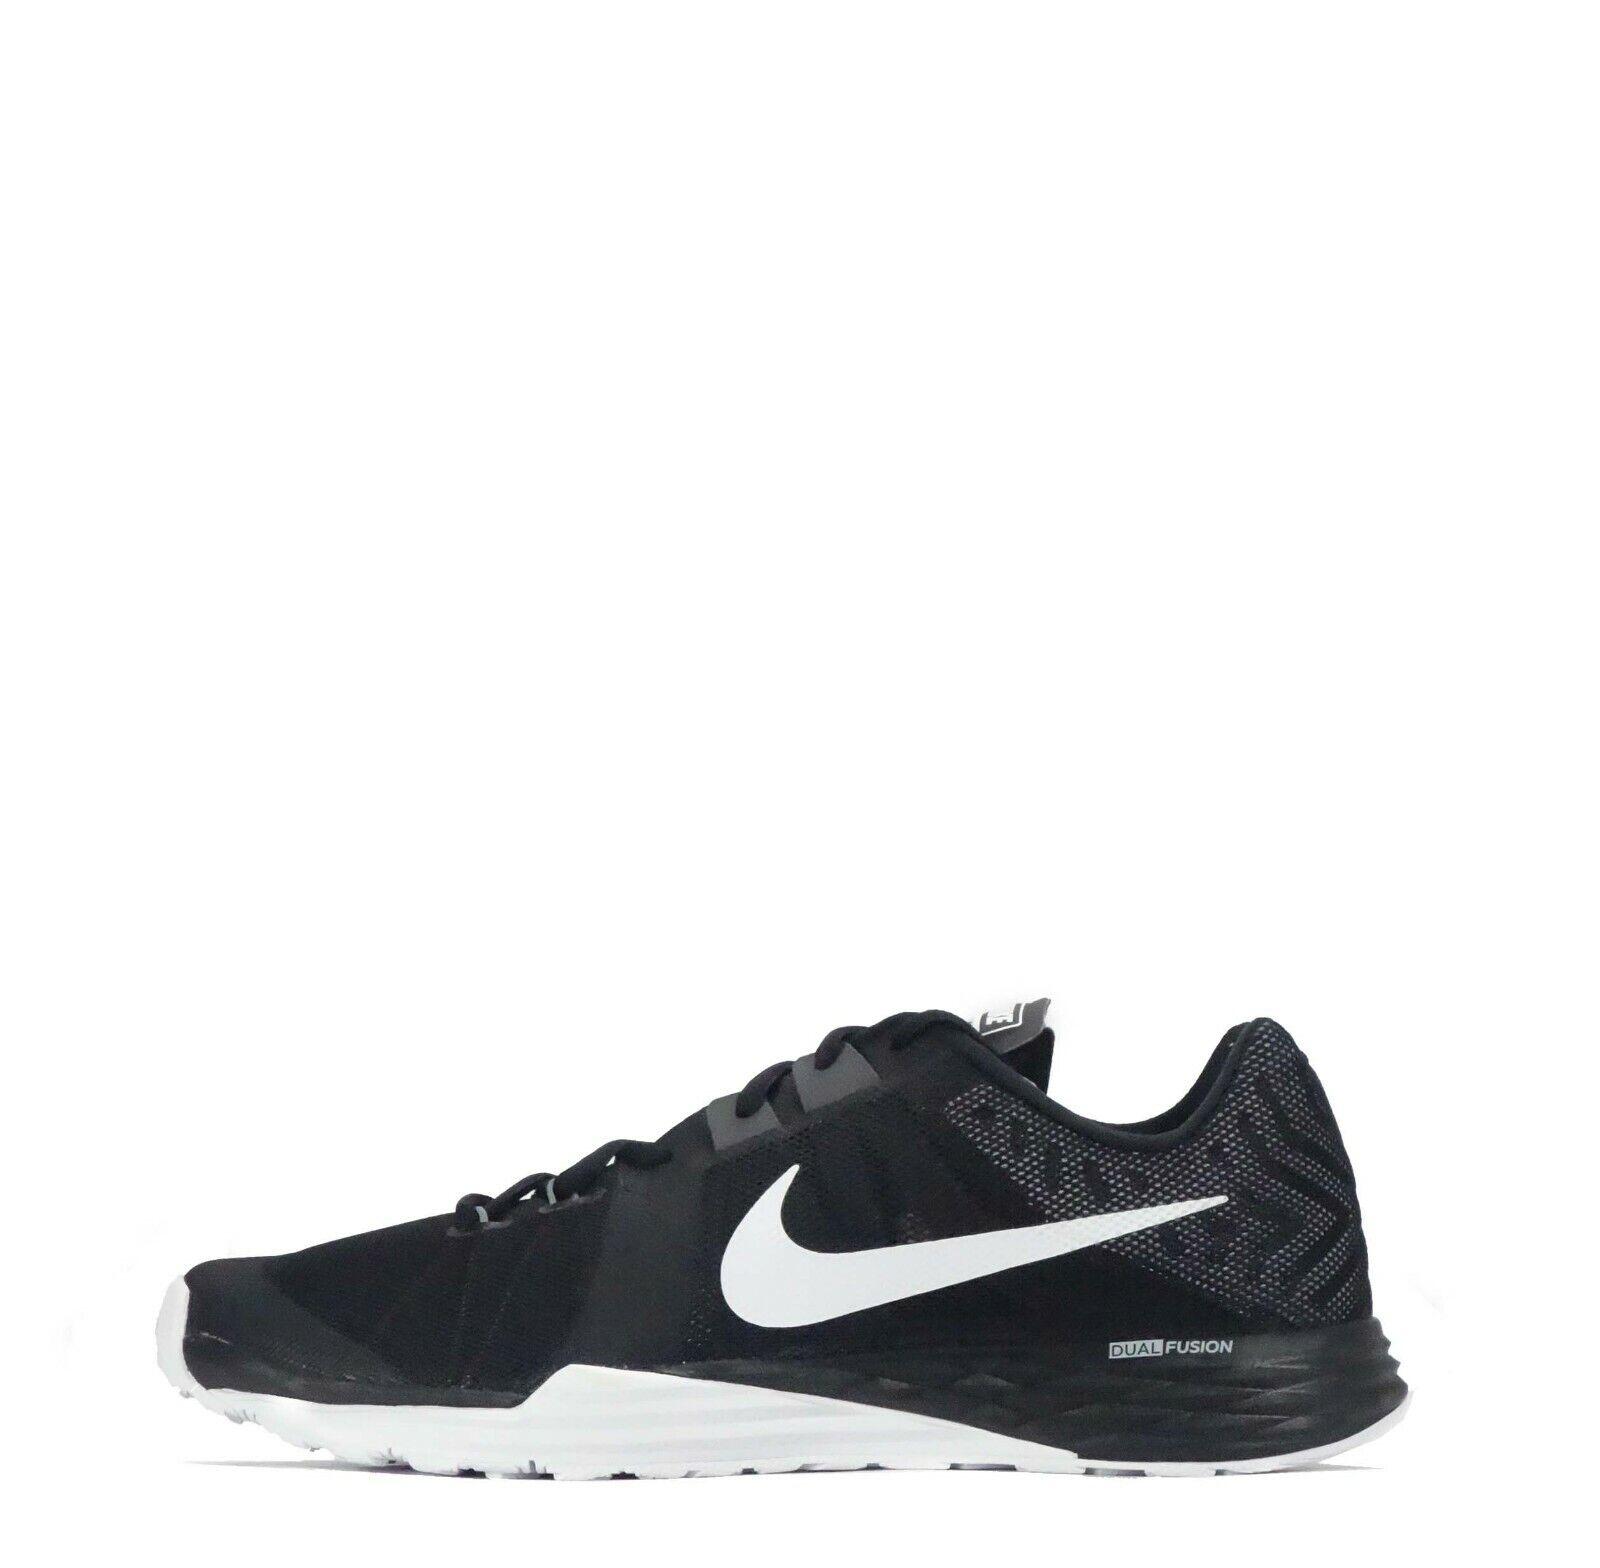 Nike Train Prime DF Uomo Iron Scarpe Scarpe Scarpe da Training, Nero/Bianco | Moda  | Maschio/Ragazze Scarpa  | Uomini/Donna Scarpa  f5ea1e